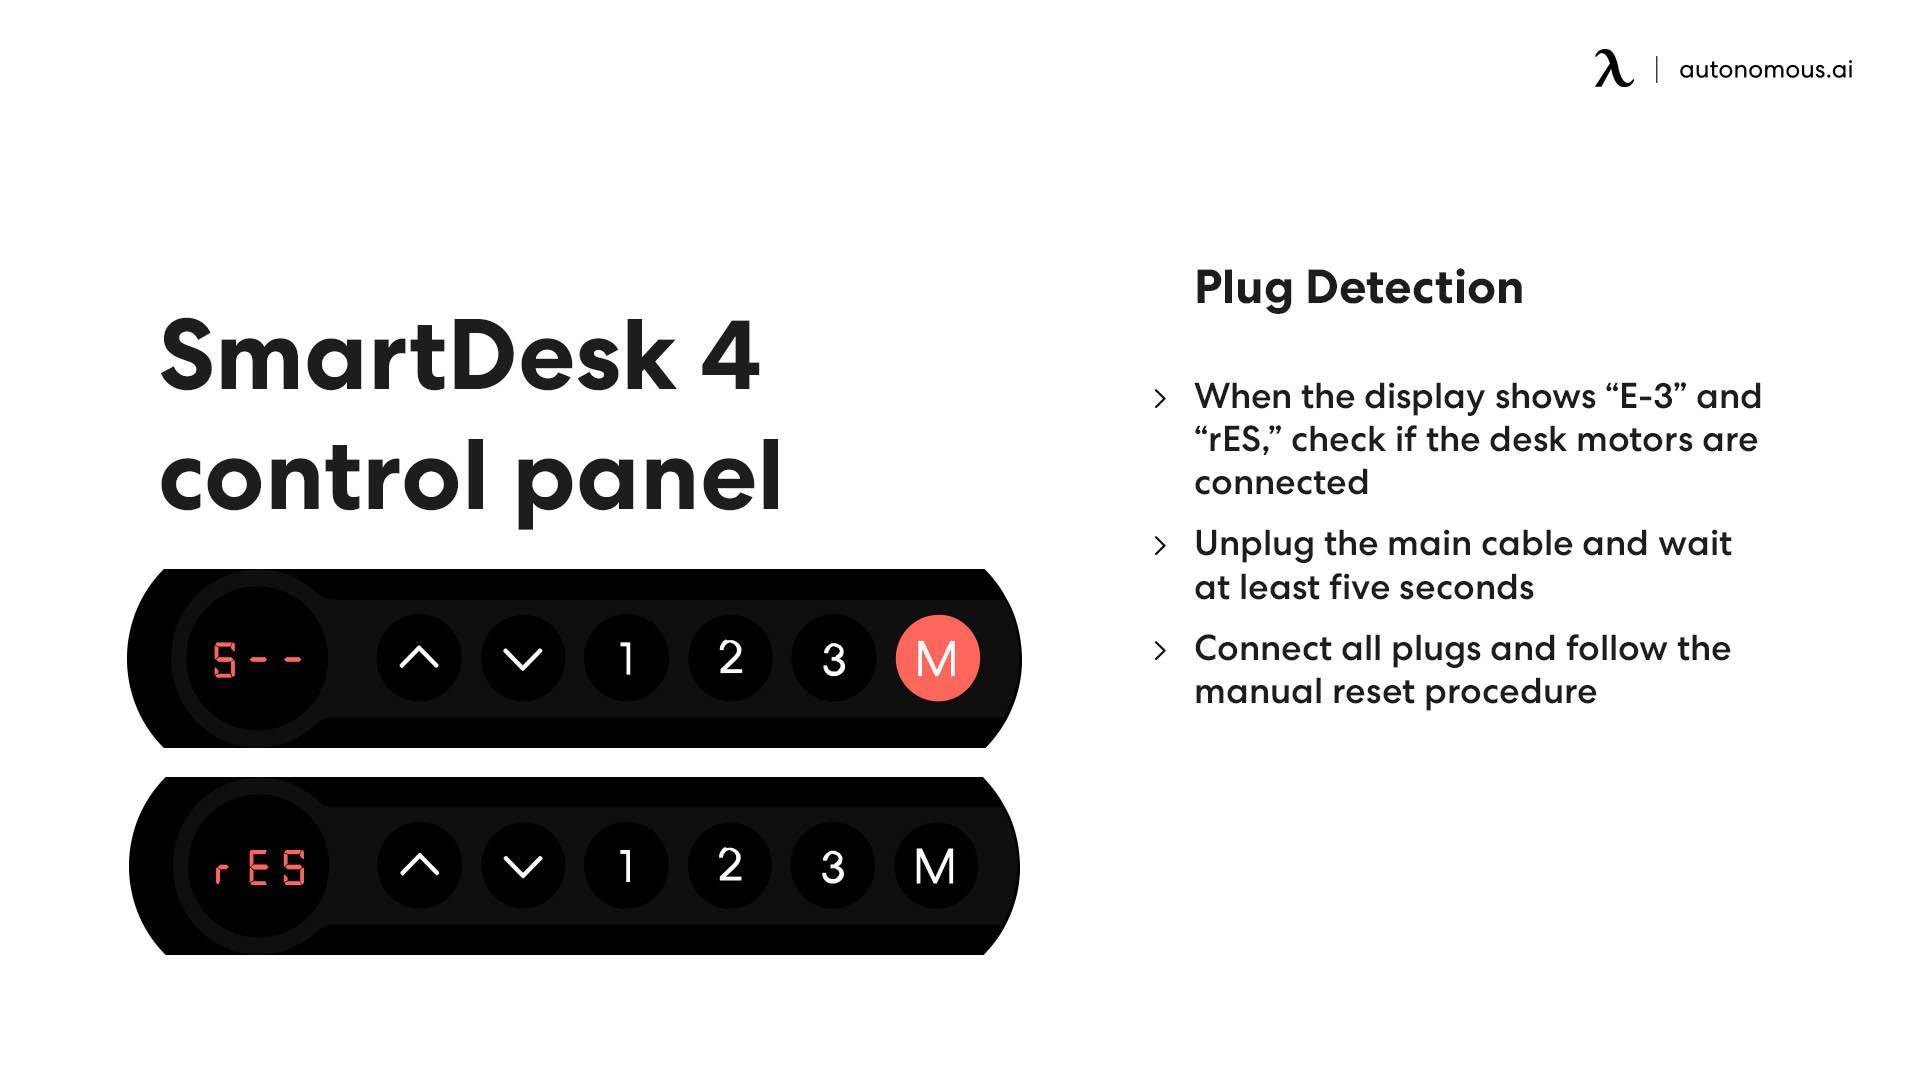 Plug Detection